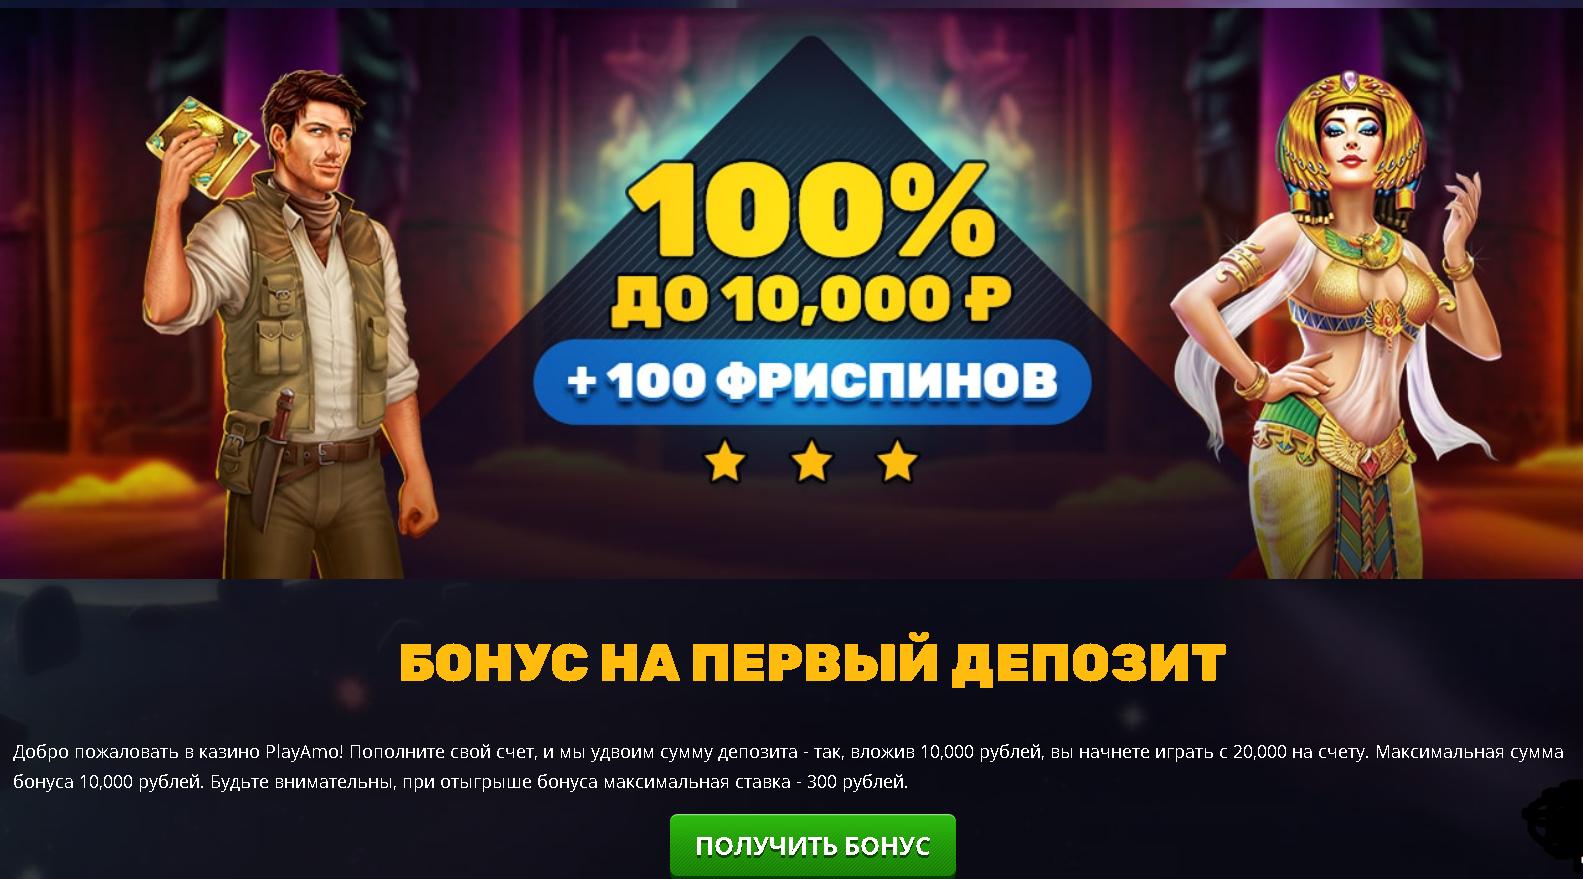 Надоел казино вулкан как найти уникальный номер dre idна голден интерстар 8005